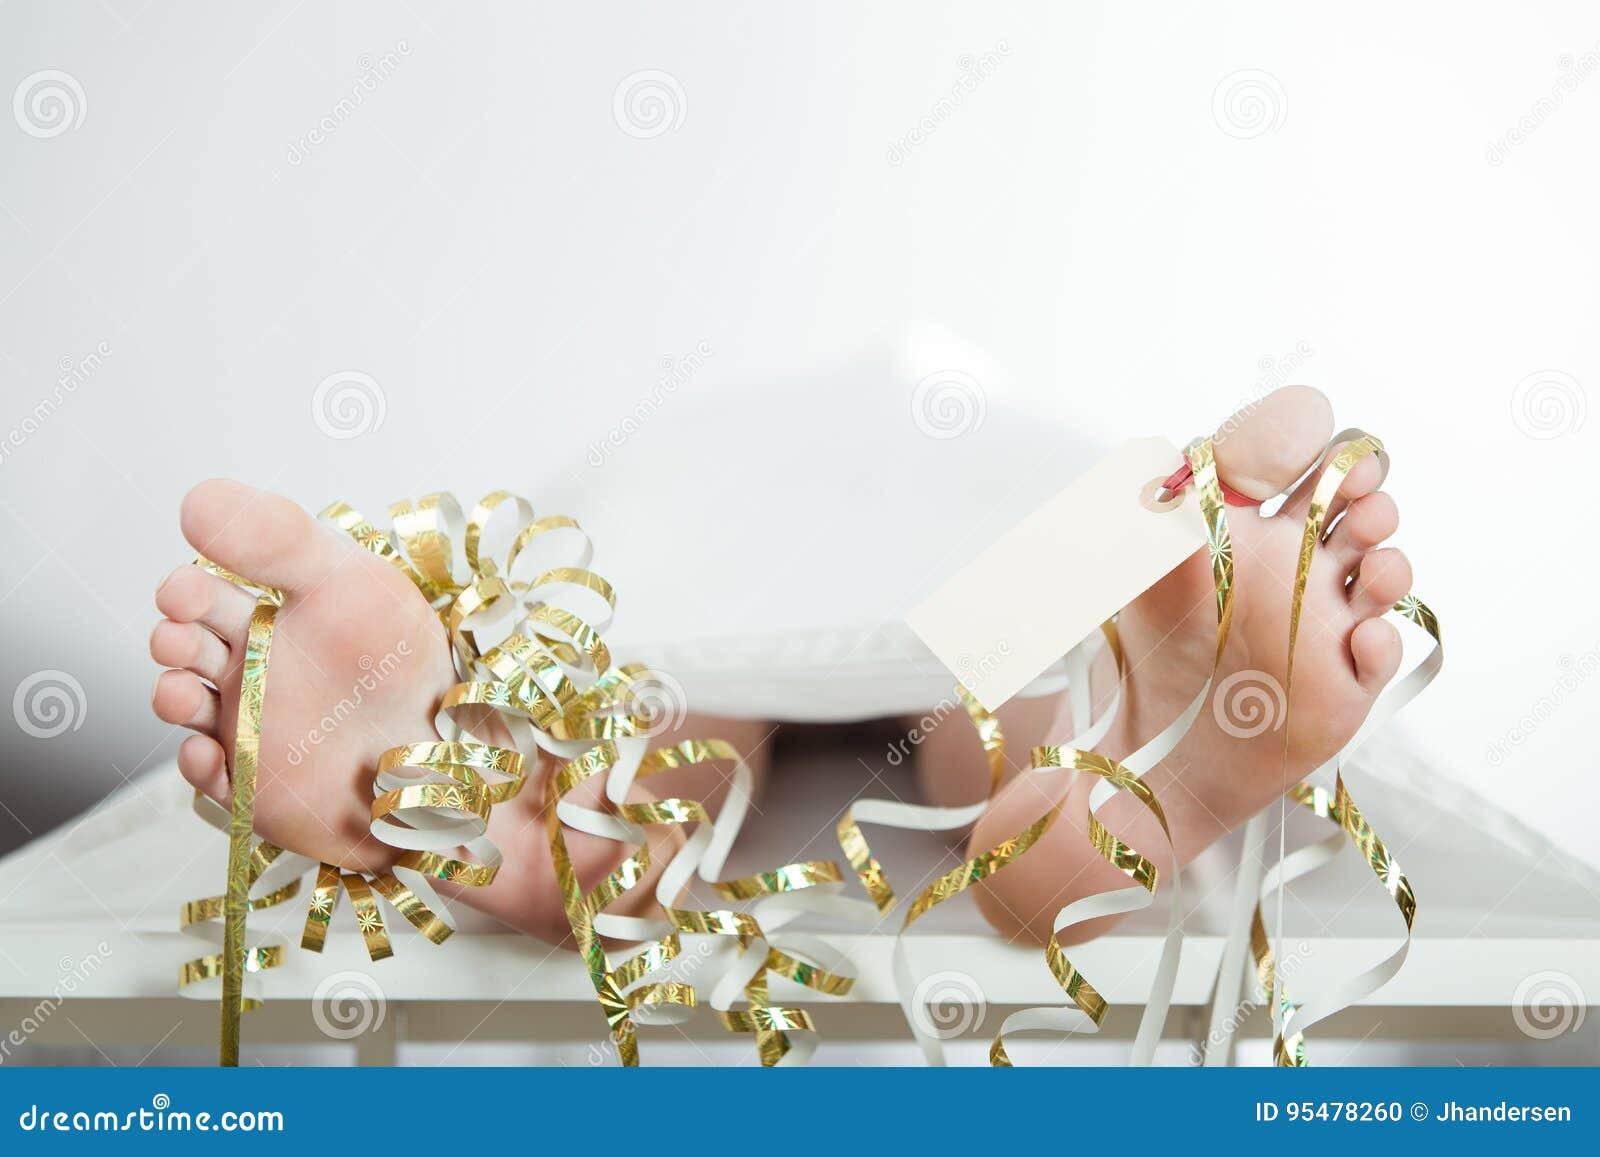 Zwłoki chłopiec z nagimi ciekami i palec u nogi etykietką